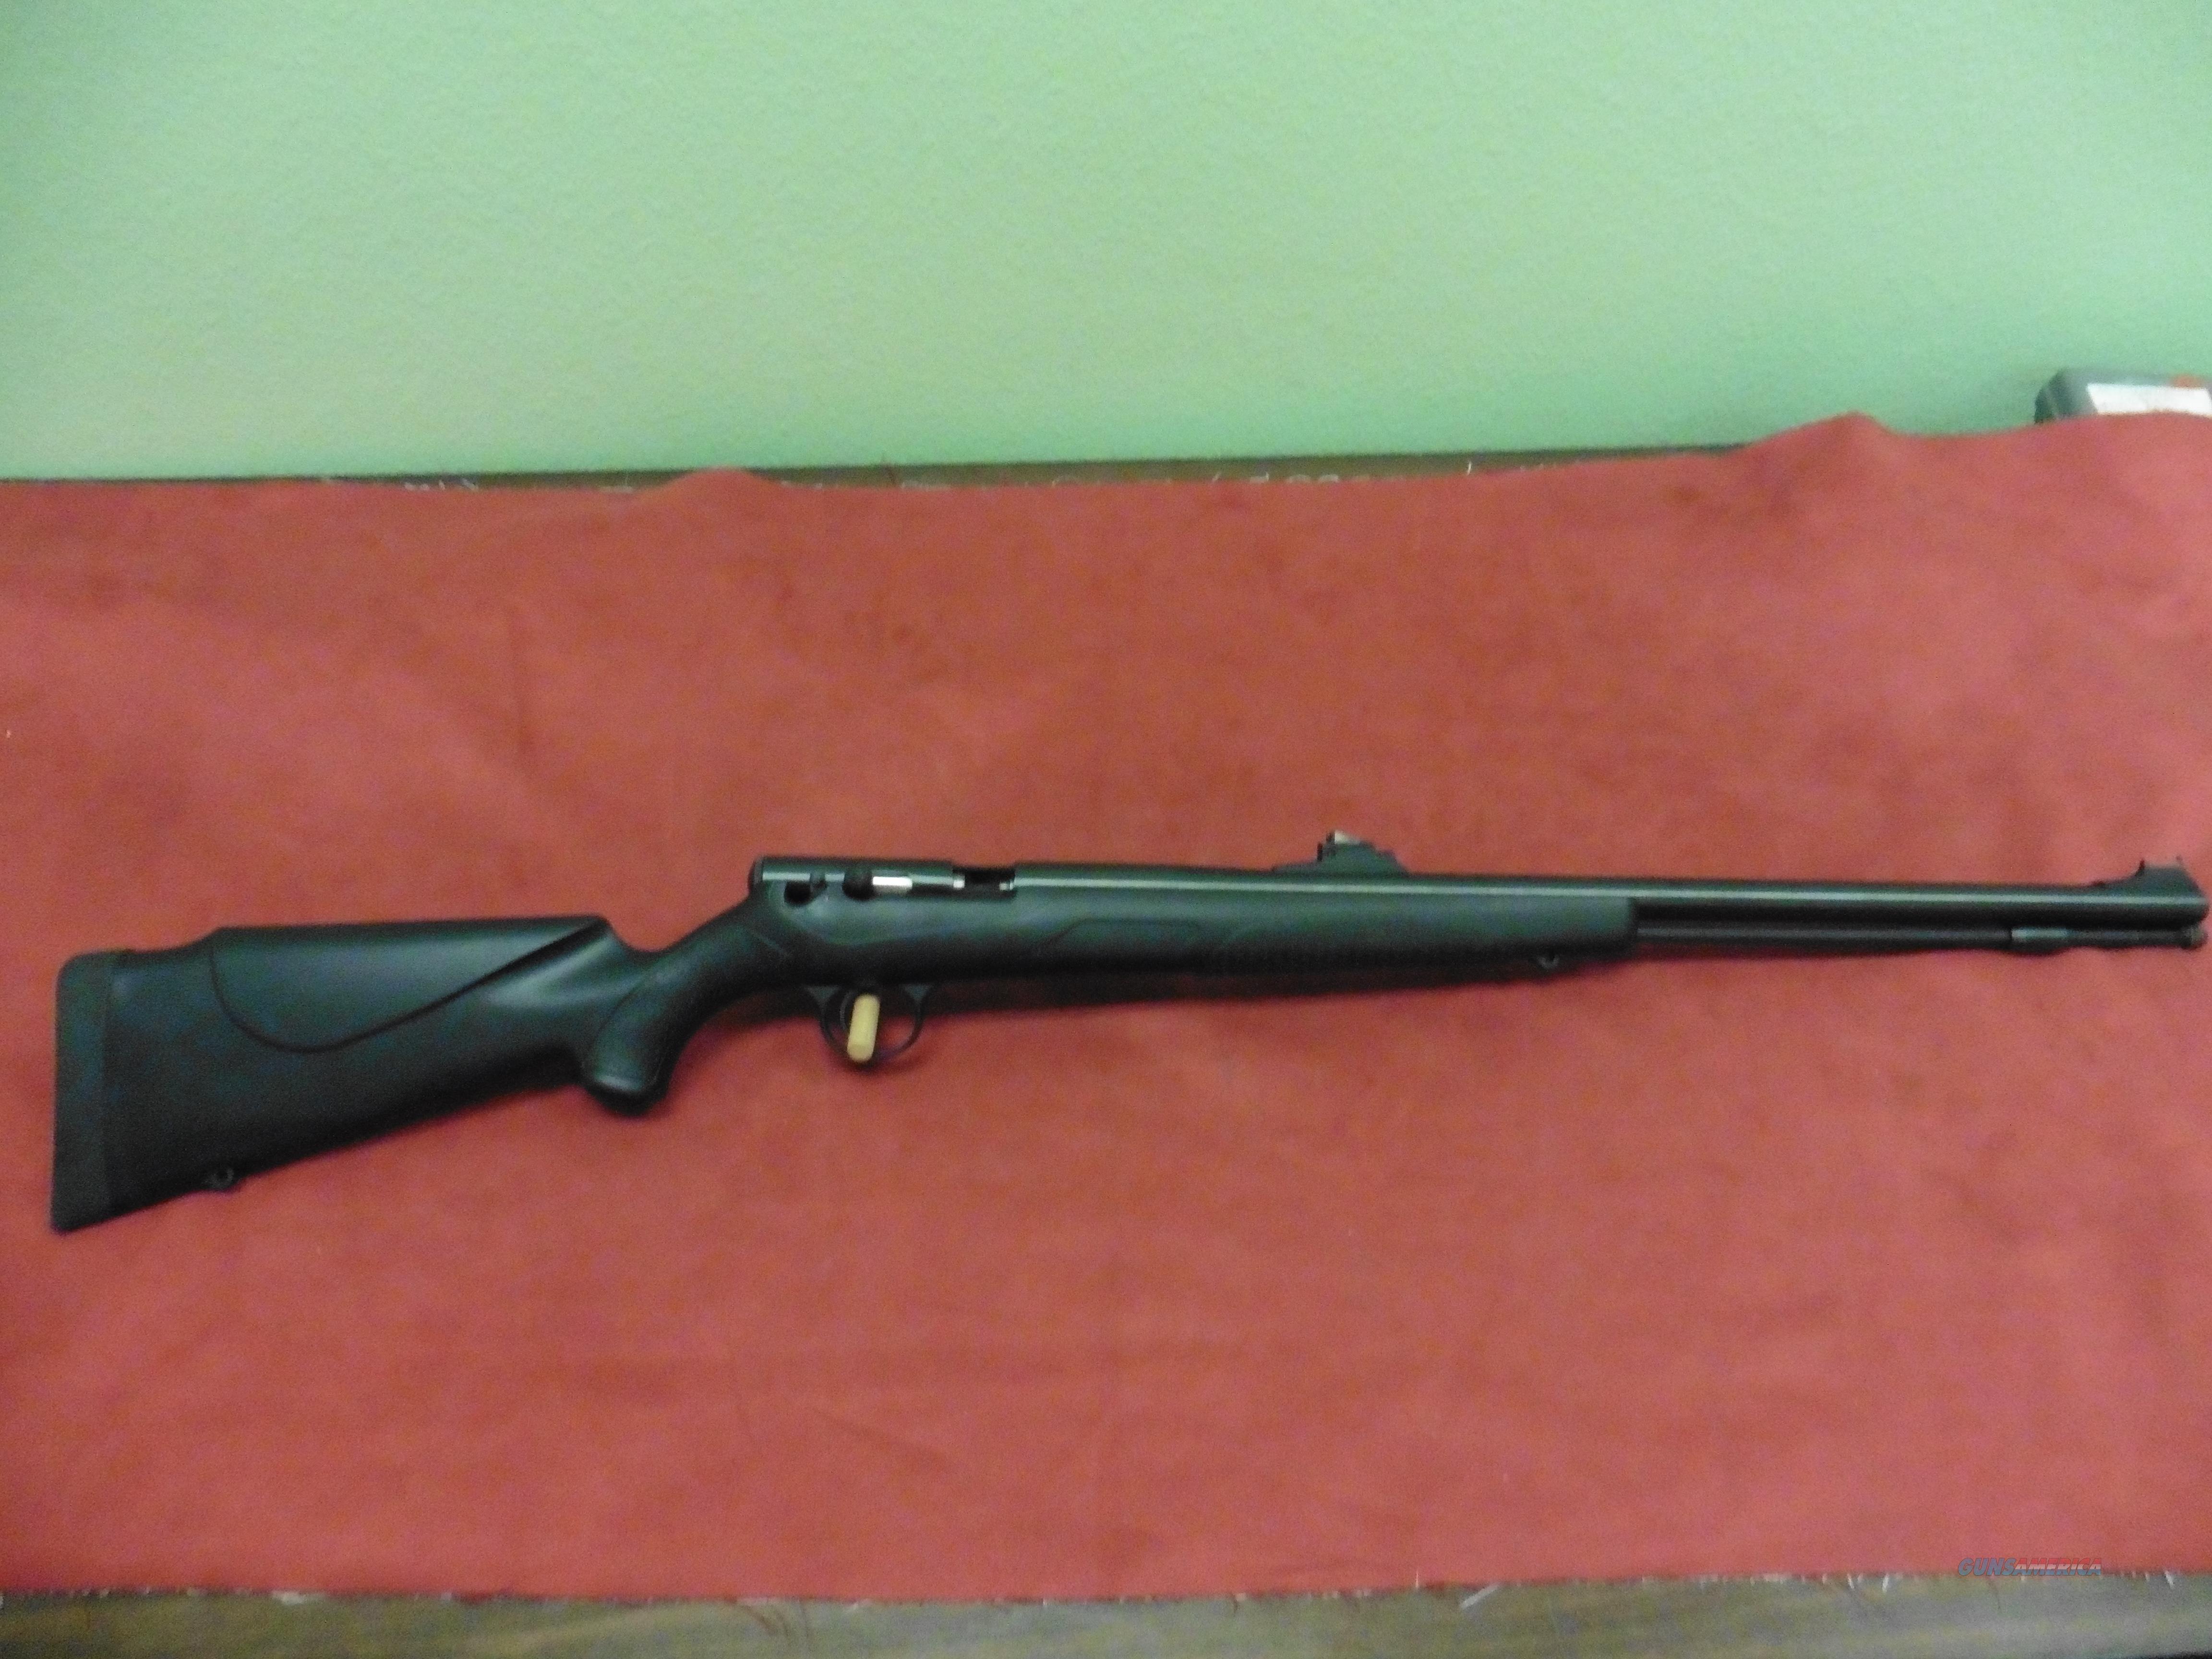 BPI- Connecticut Valley Arms Buckhorn Mag  .50cal  Guns > Rifles > Muzzleloading Modern & Replica Rifles (perc) > Modern Inline